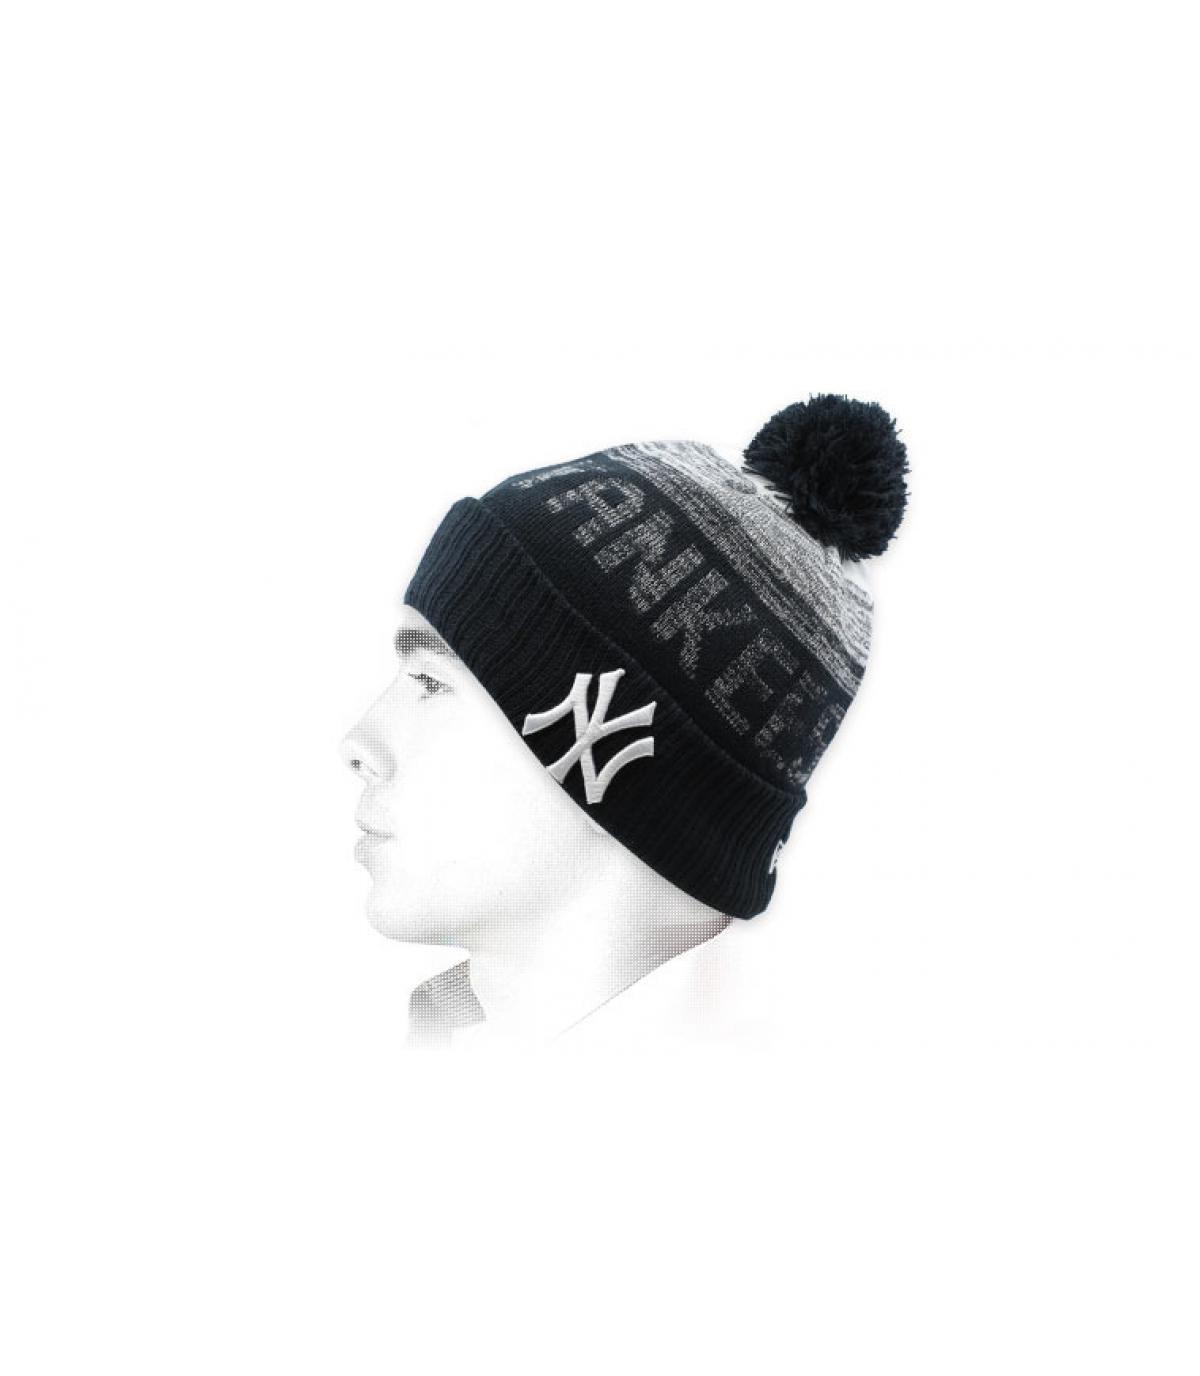 cappello di Yankees di nappa nera